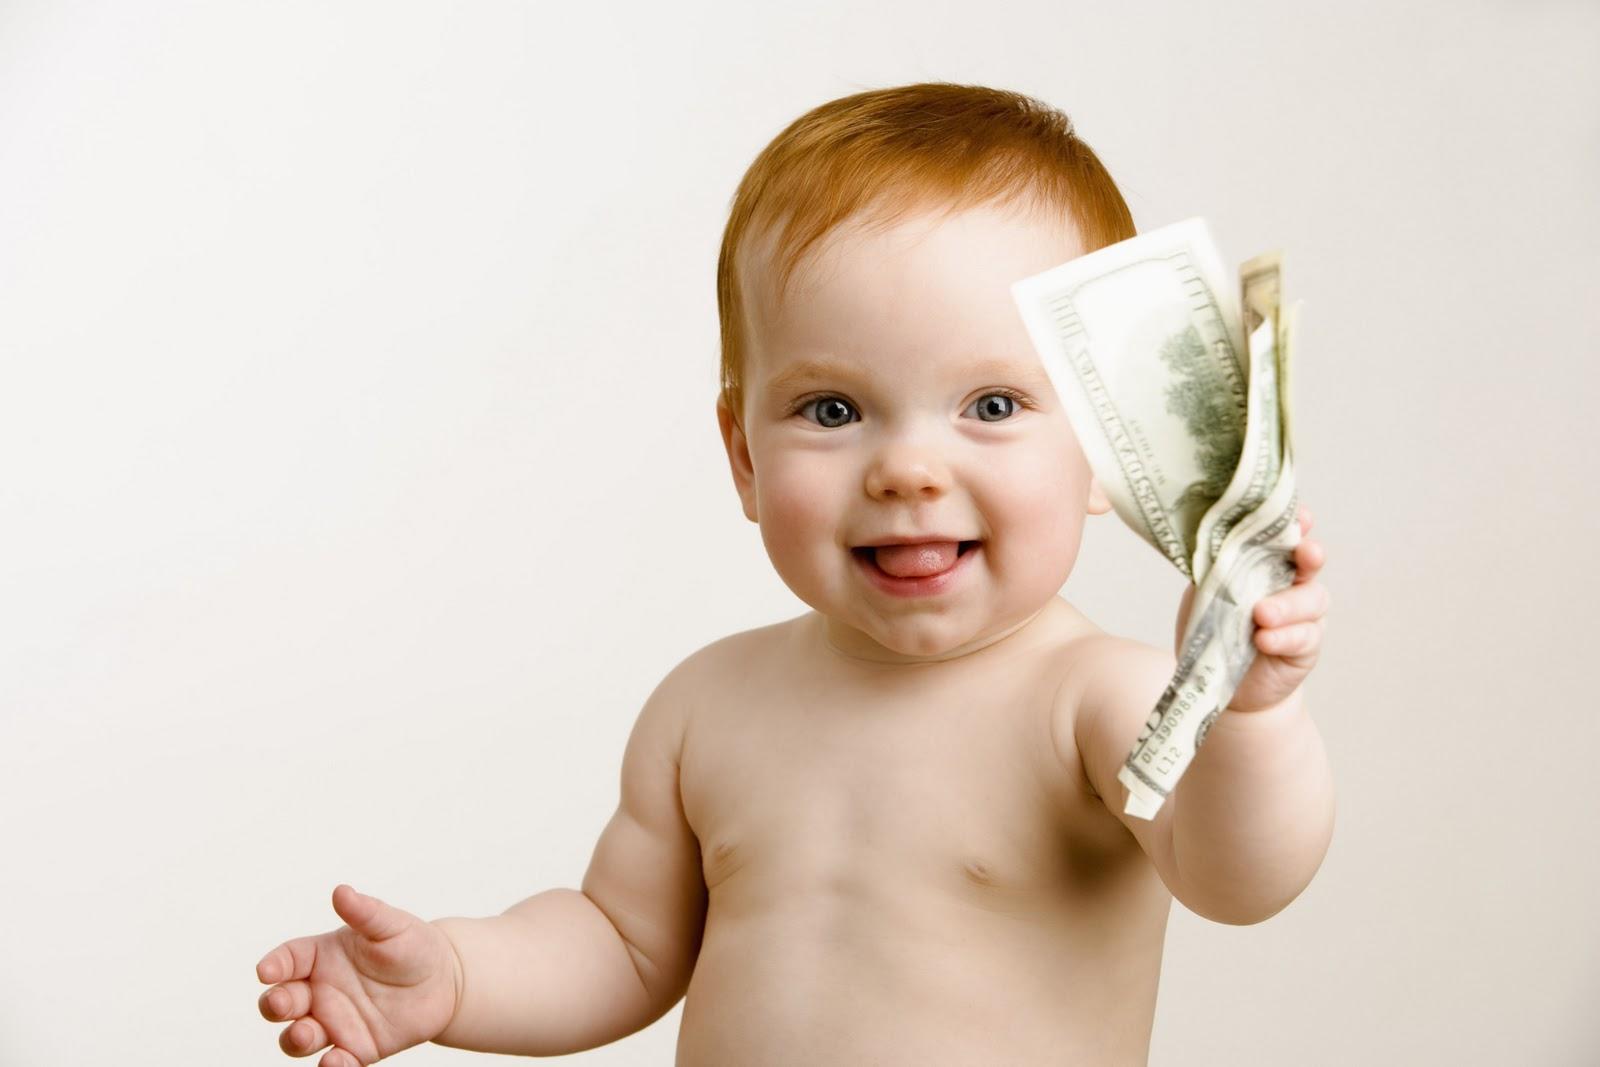 Опекуны получают деньги для расходов на ребенка